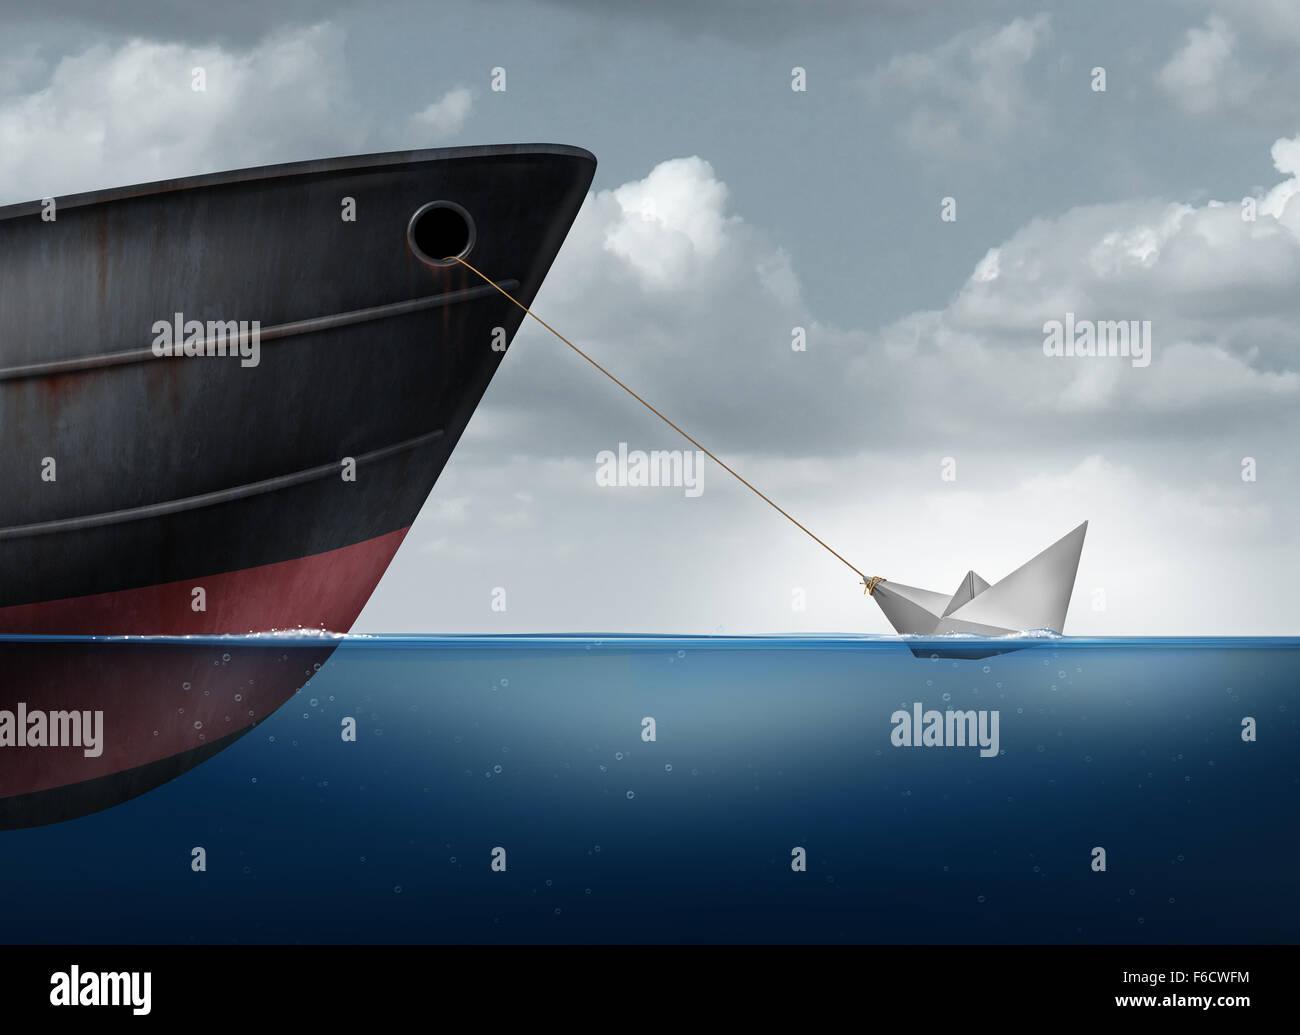 L'étonnante puissance concept comme un petit bateau de papier dans l'océan tirant un énorme Photo Stock